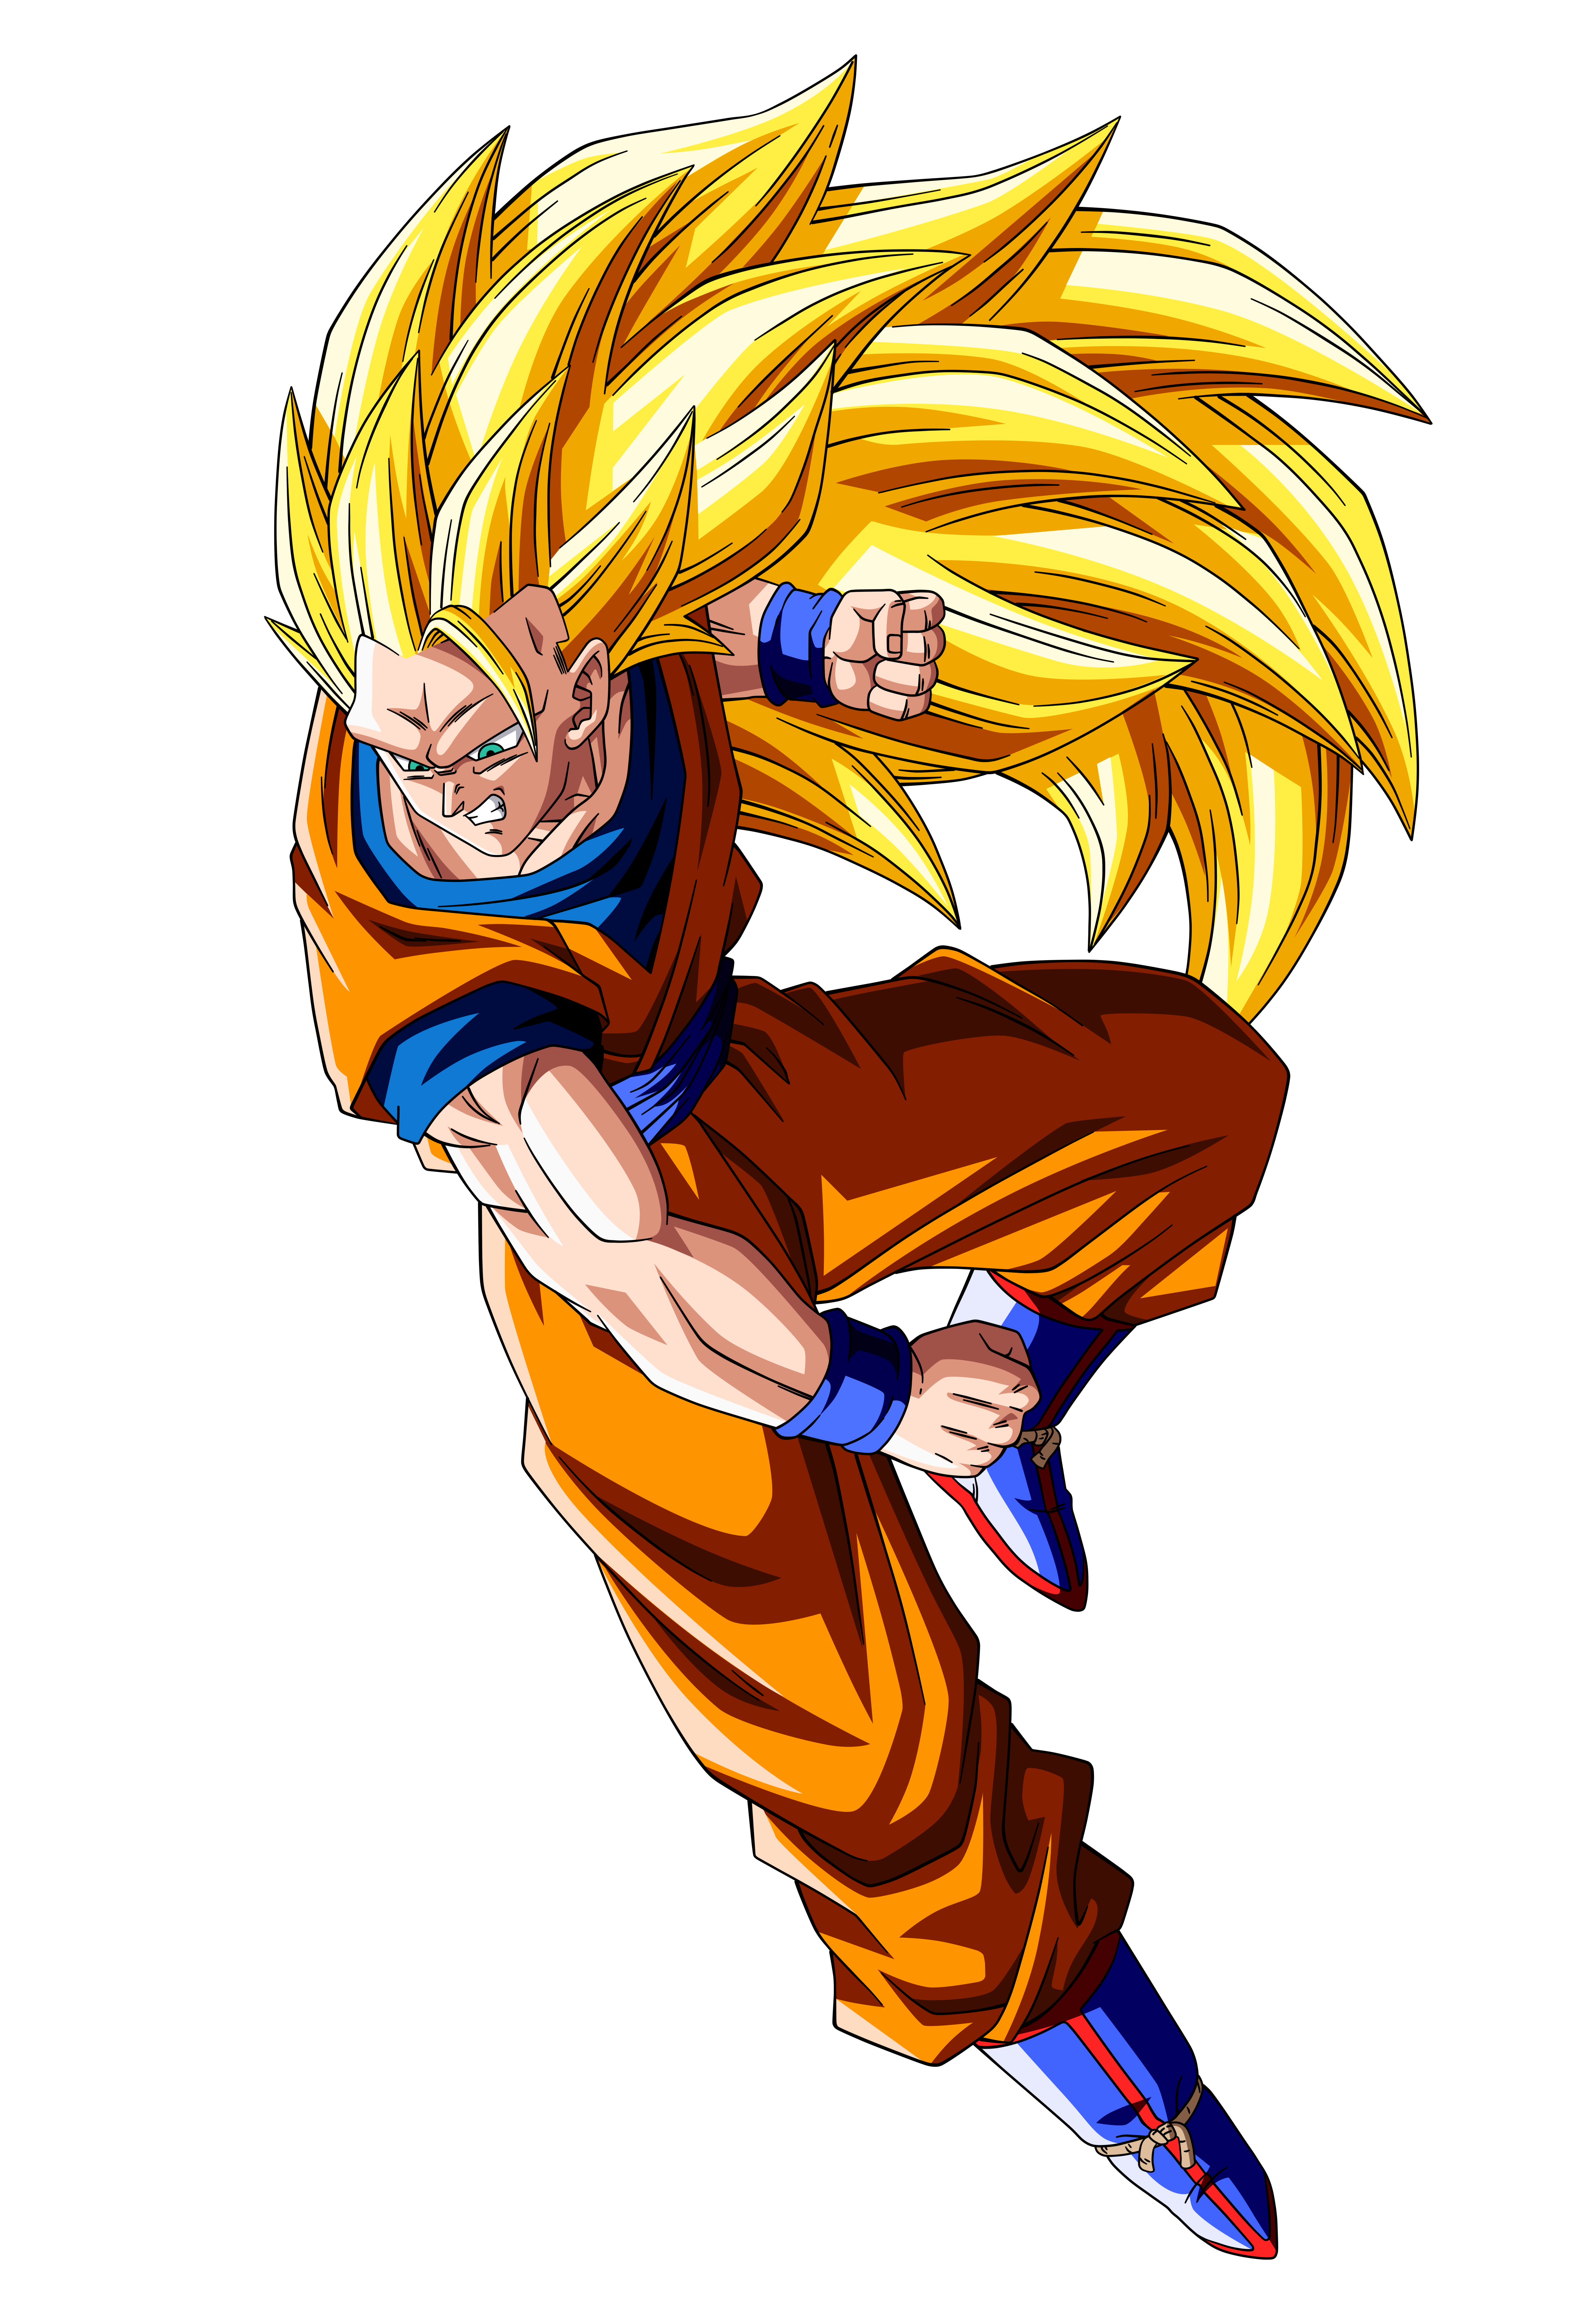 Dragon Ball Z Goku Ssj3 Images | FemaleCelebrity